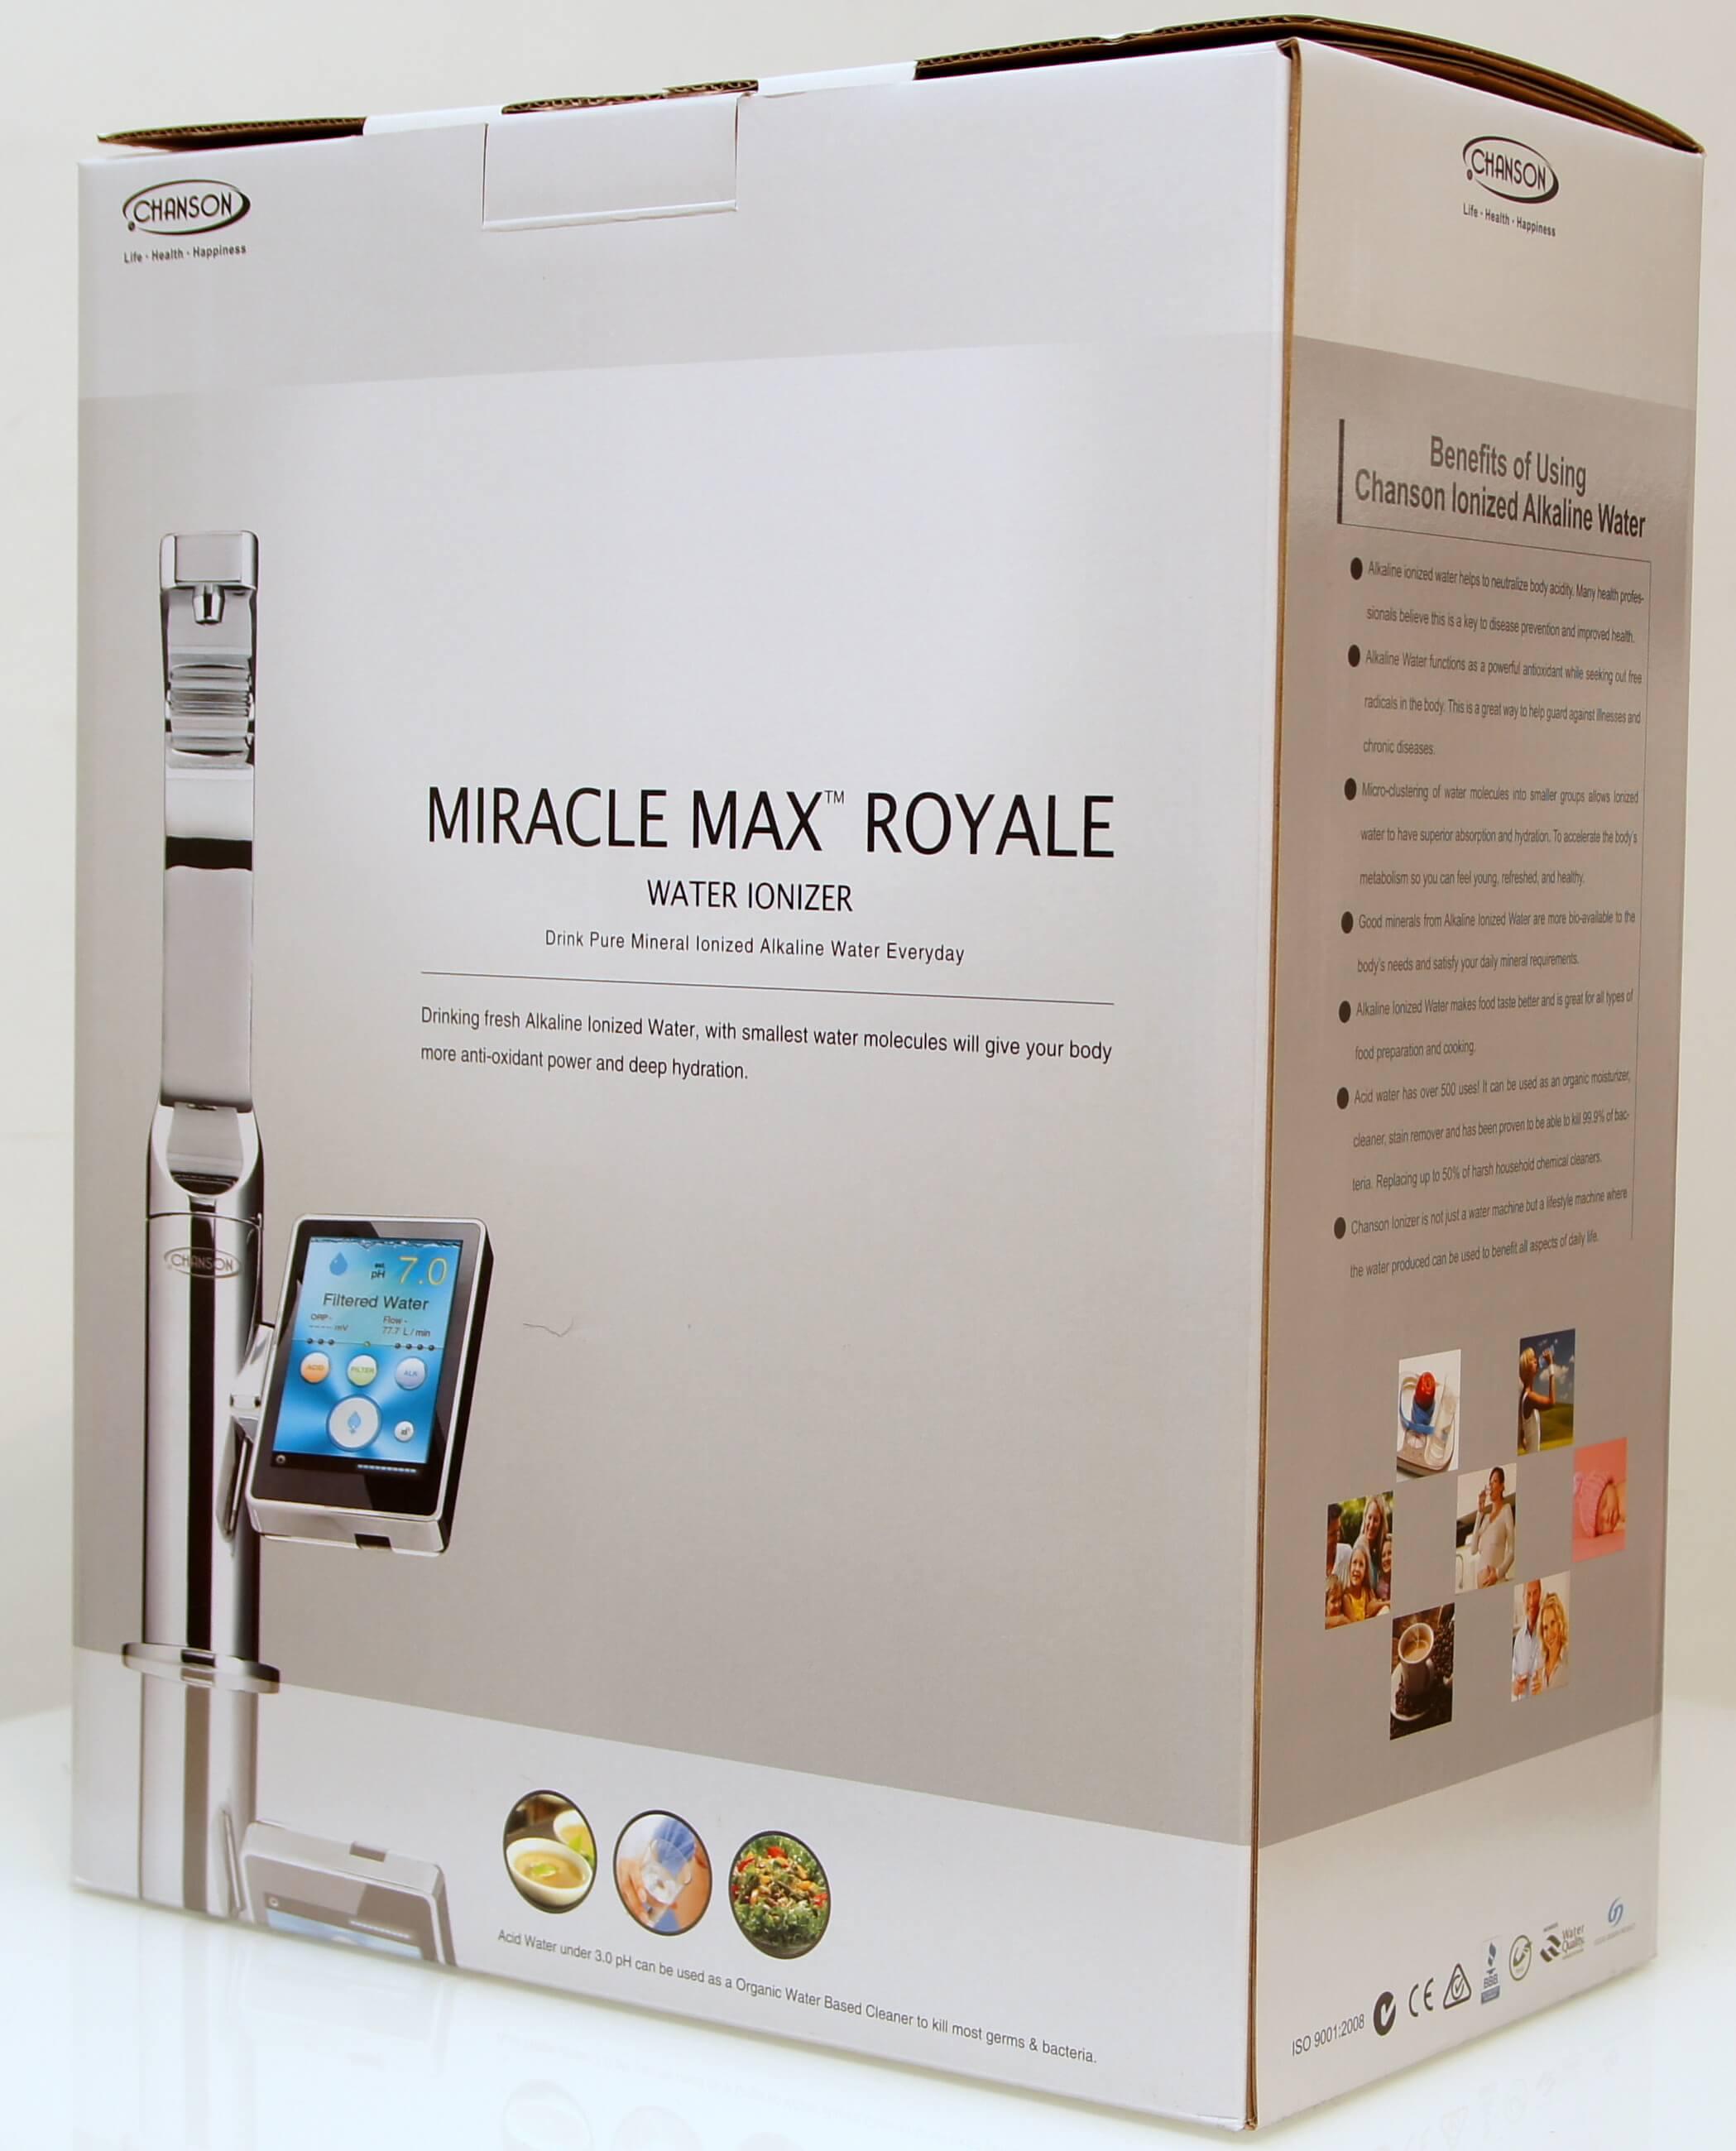 Chanson Miracle Royale Water Star port na minerały jonizator wody ekskluzywny najdroższy